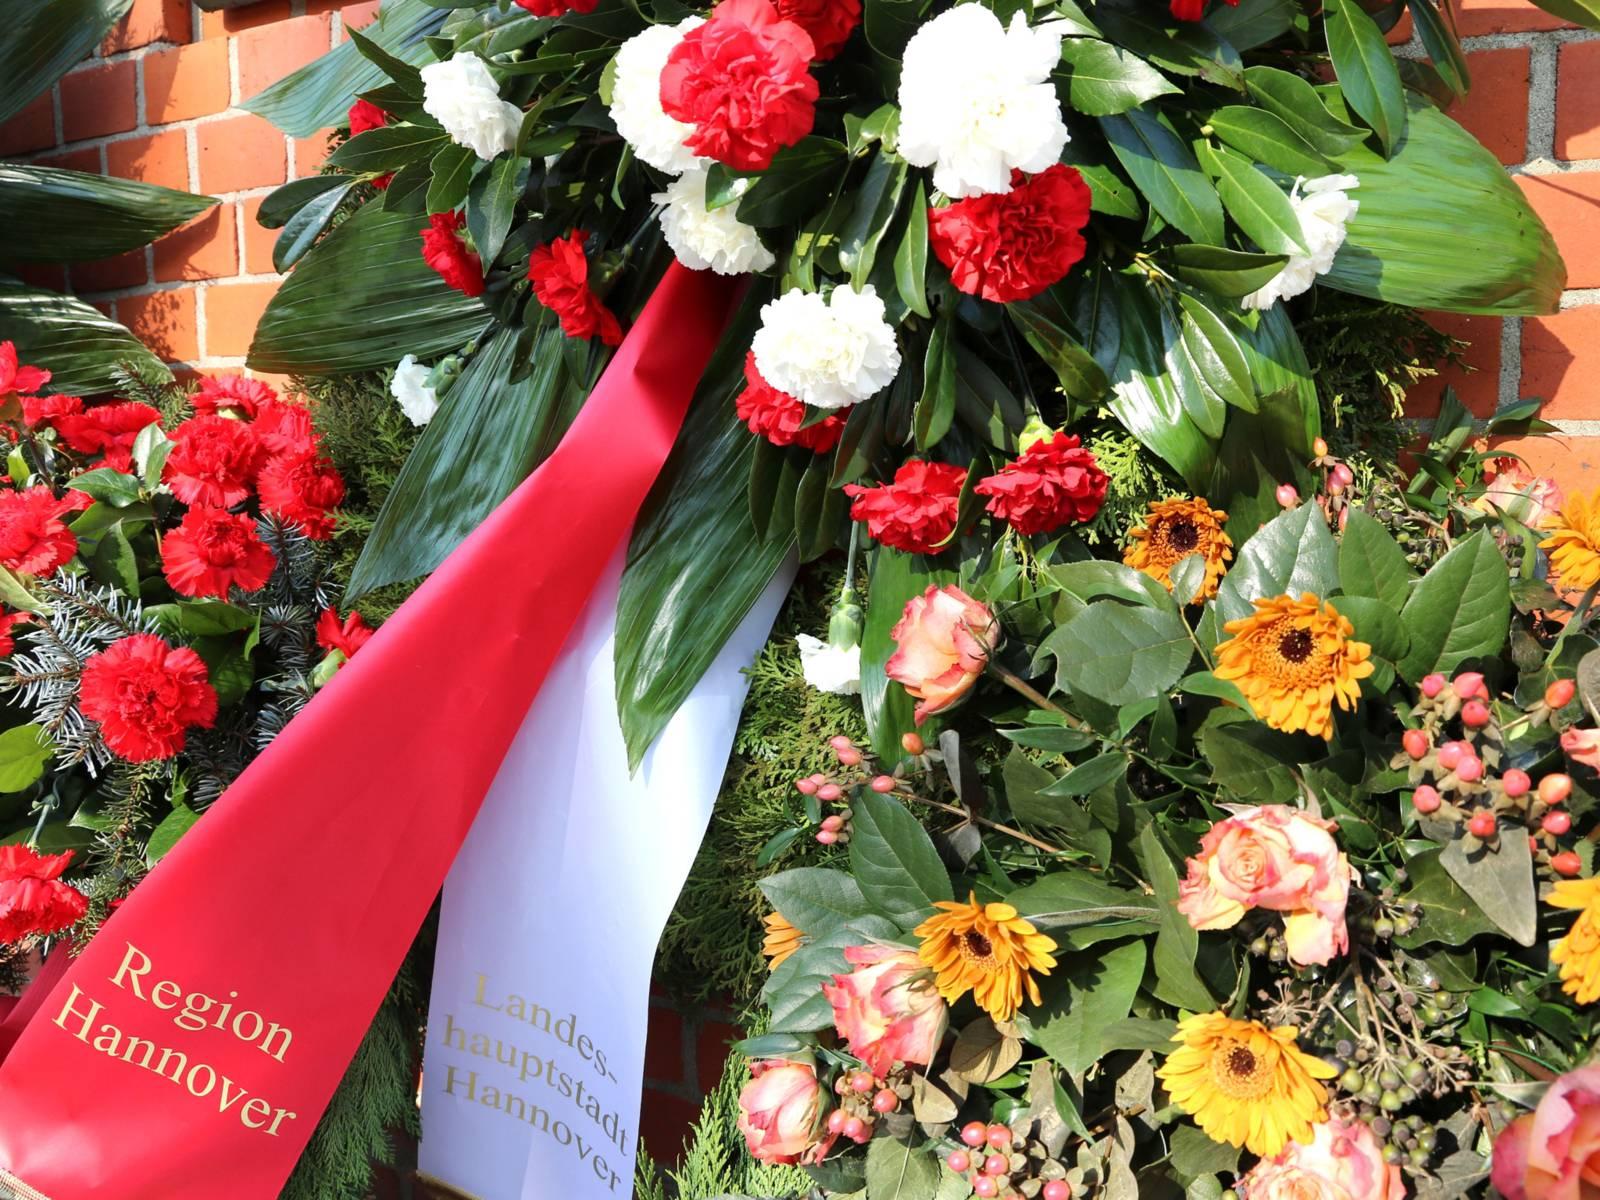 Die Region Hannover und die Landeshauptstadt Hannover erinnerten an die Deportation der Sinti und Roma aus Niedersachsen.